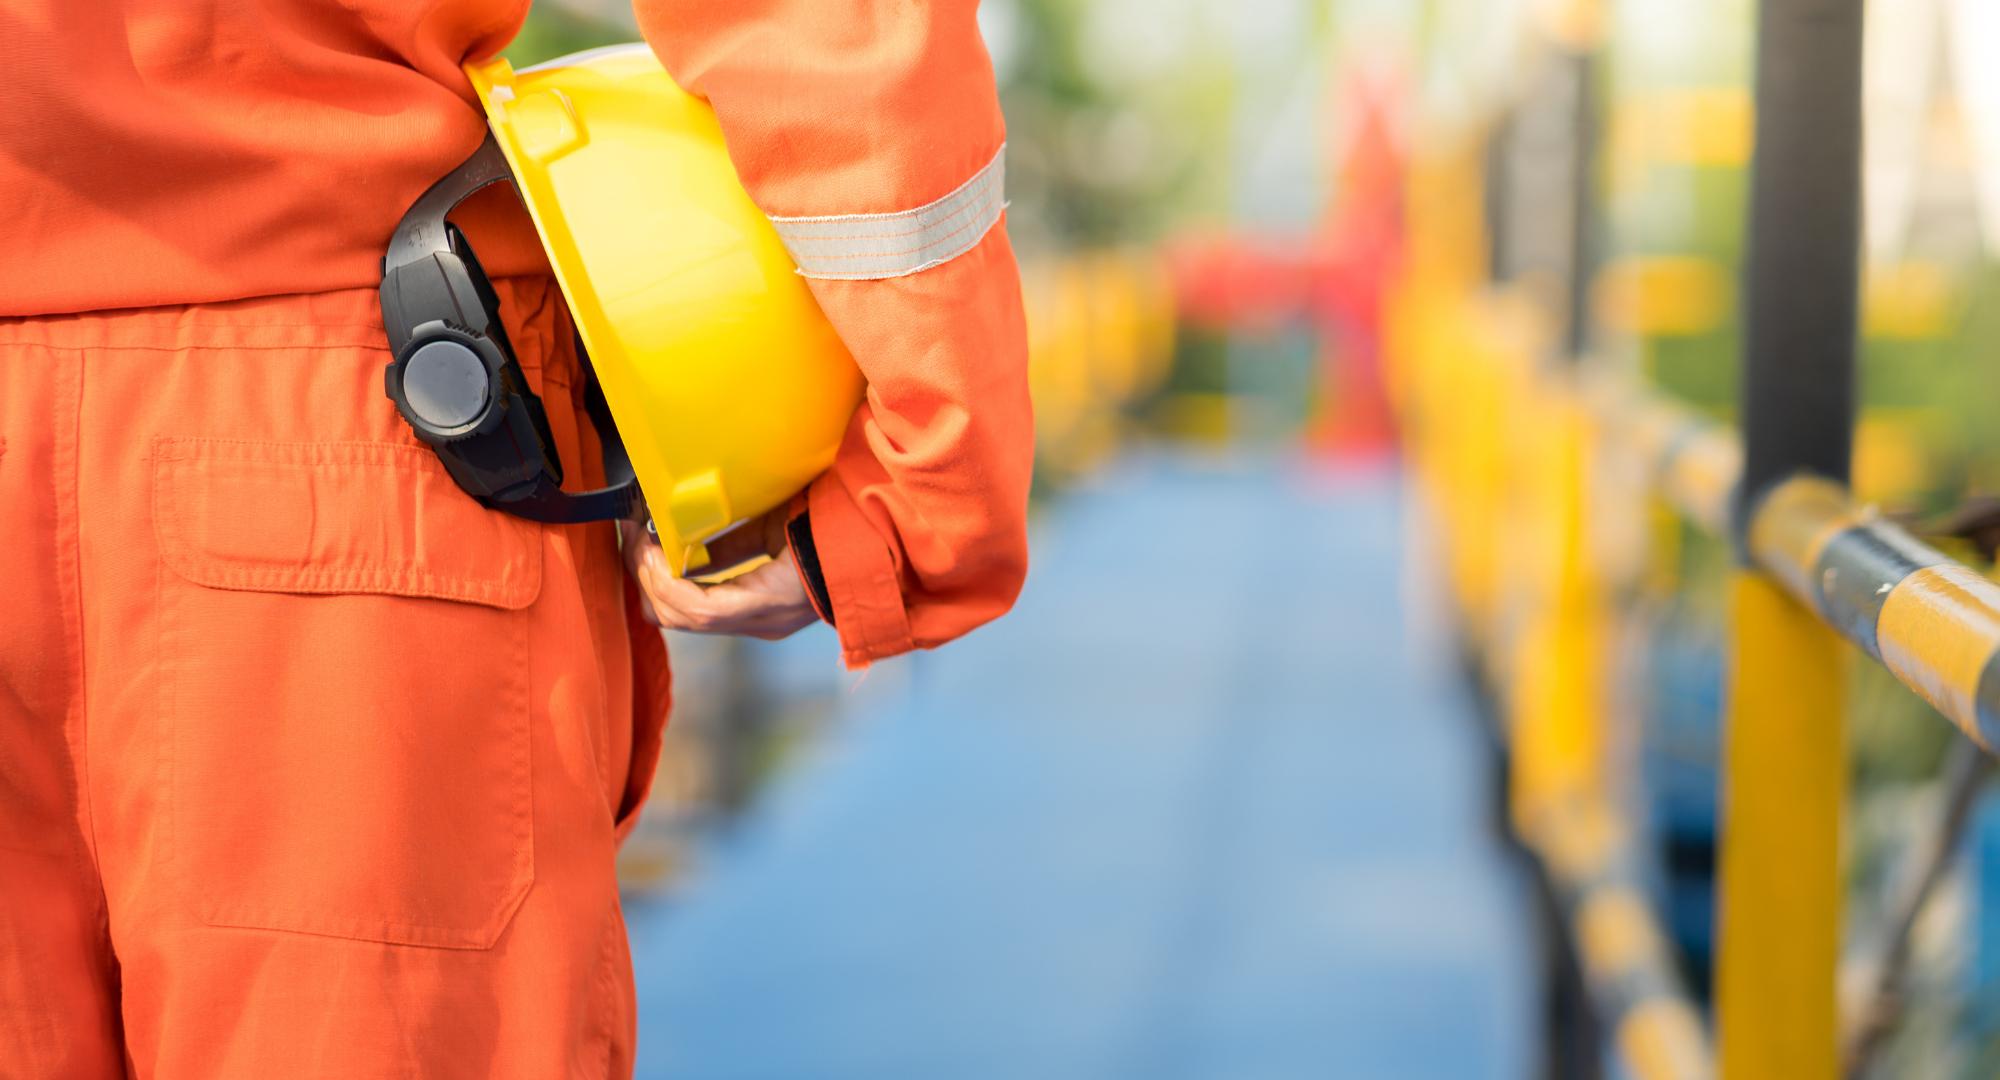 Como a NR 18 aumenta segurança dos trabalhadores?